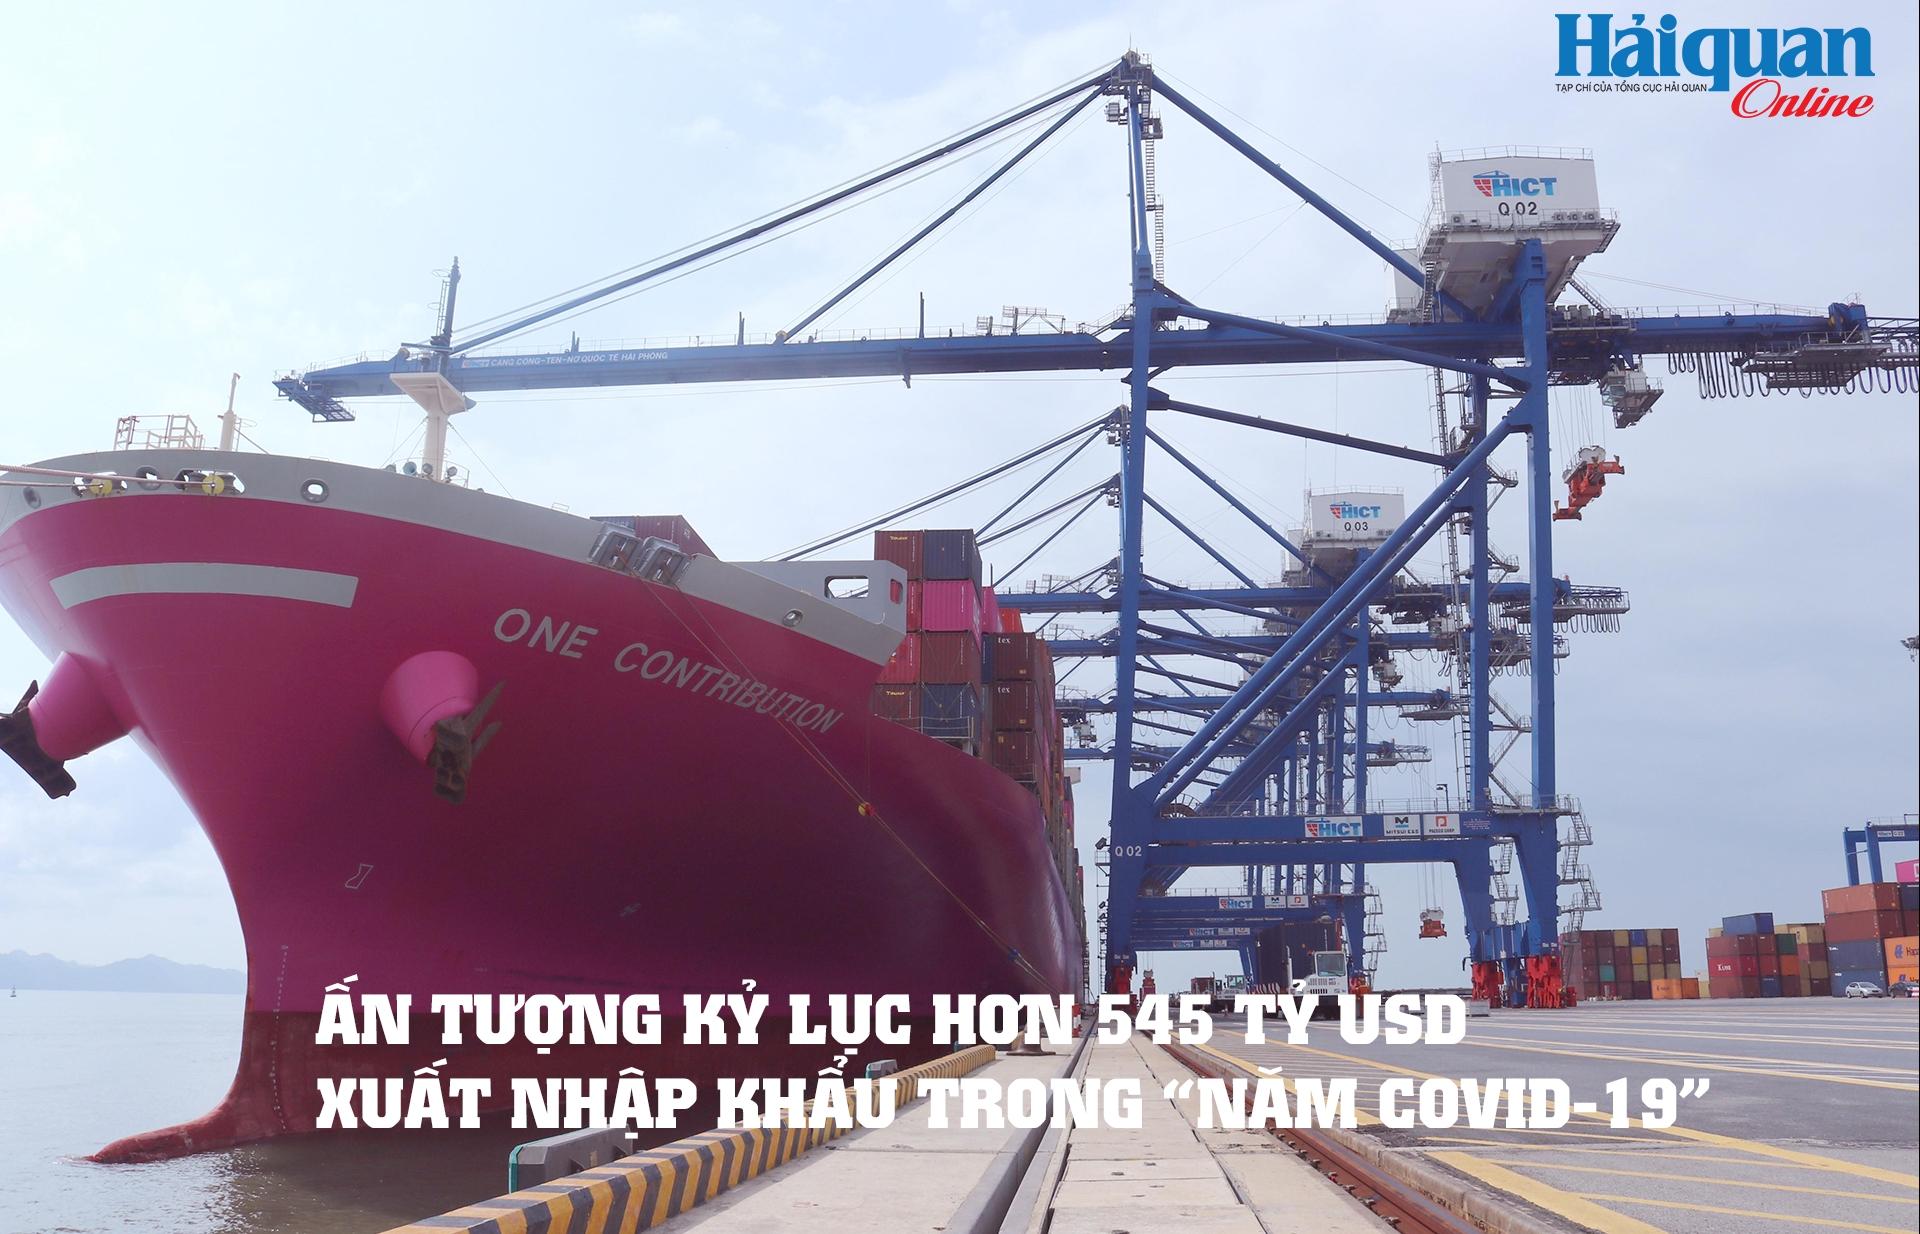 MEGASTORY: Ấn tượng kỷ lục hơn 545 tỷ USD xuất nhập khẩu trong